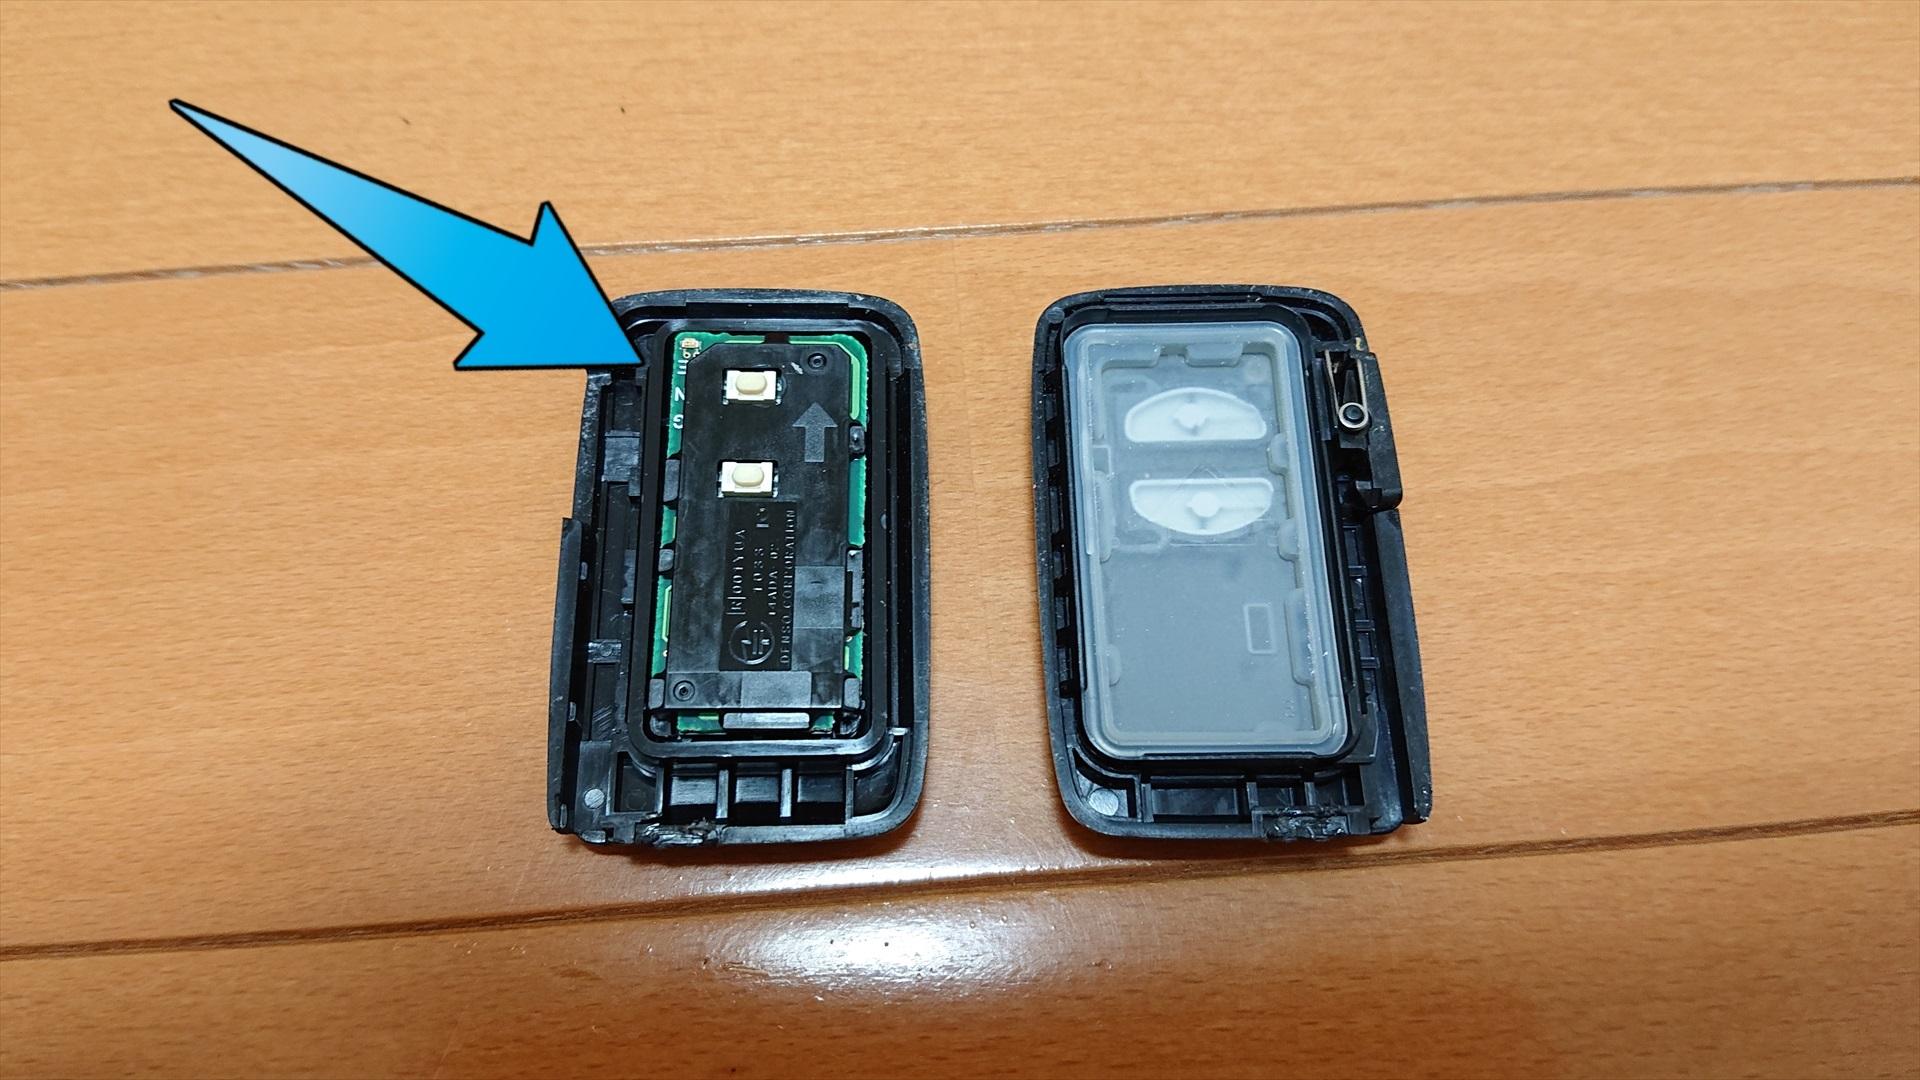 こちらがケースを開いた状態です。左側のパーツの裏側に電池が収まっています。こちらのパーツは乗っているだけなので、すぐとれます。